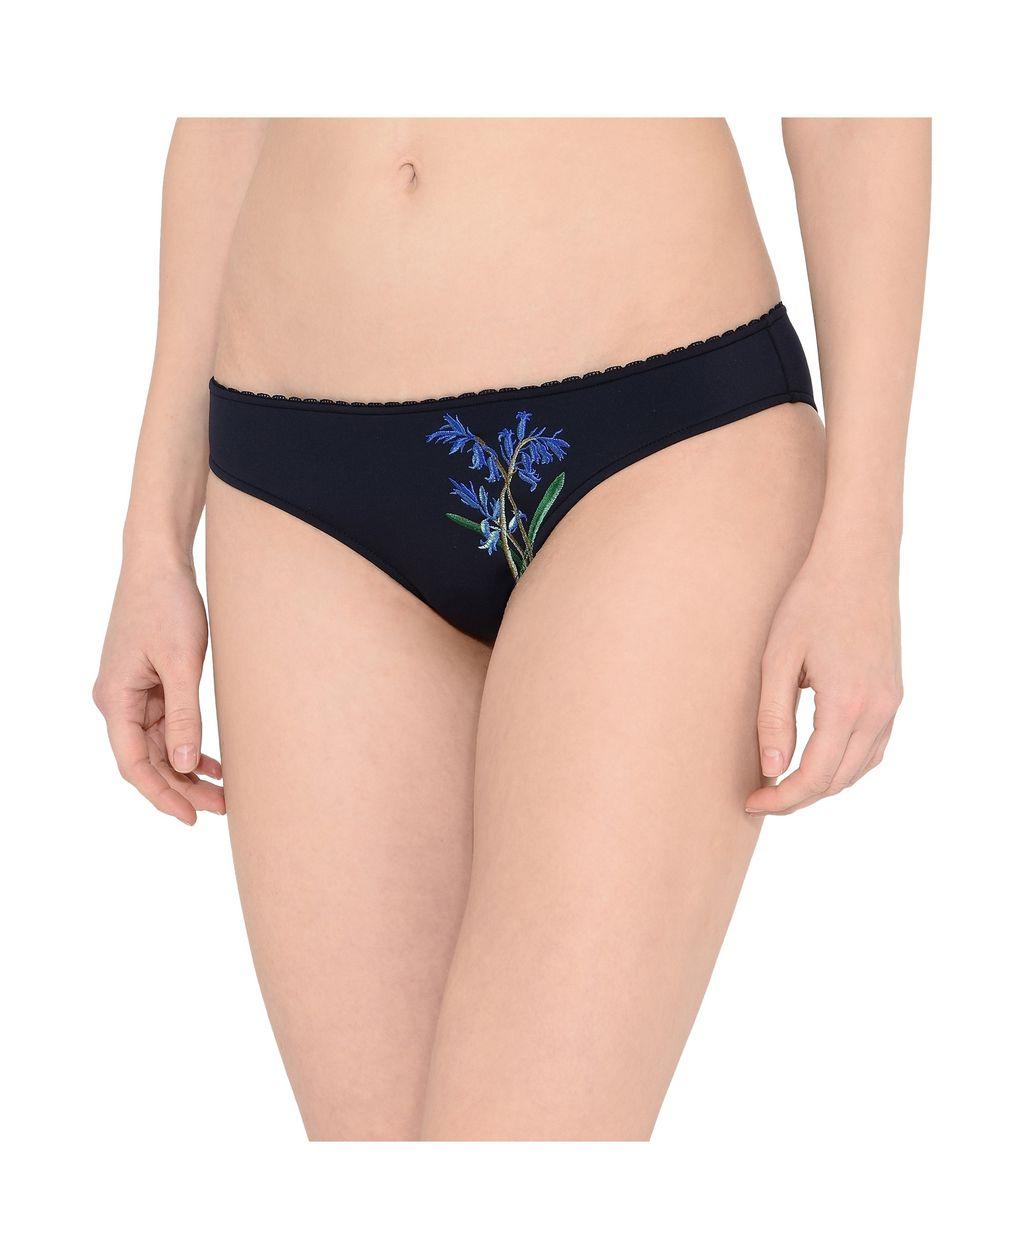 Botanical Embroidered Bikini Bottoms - STELLA MCCARTNEY